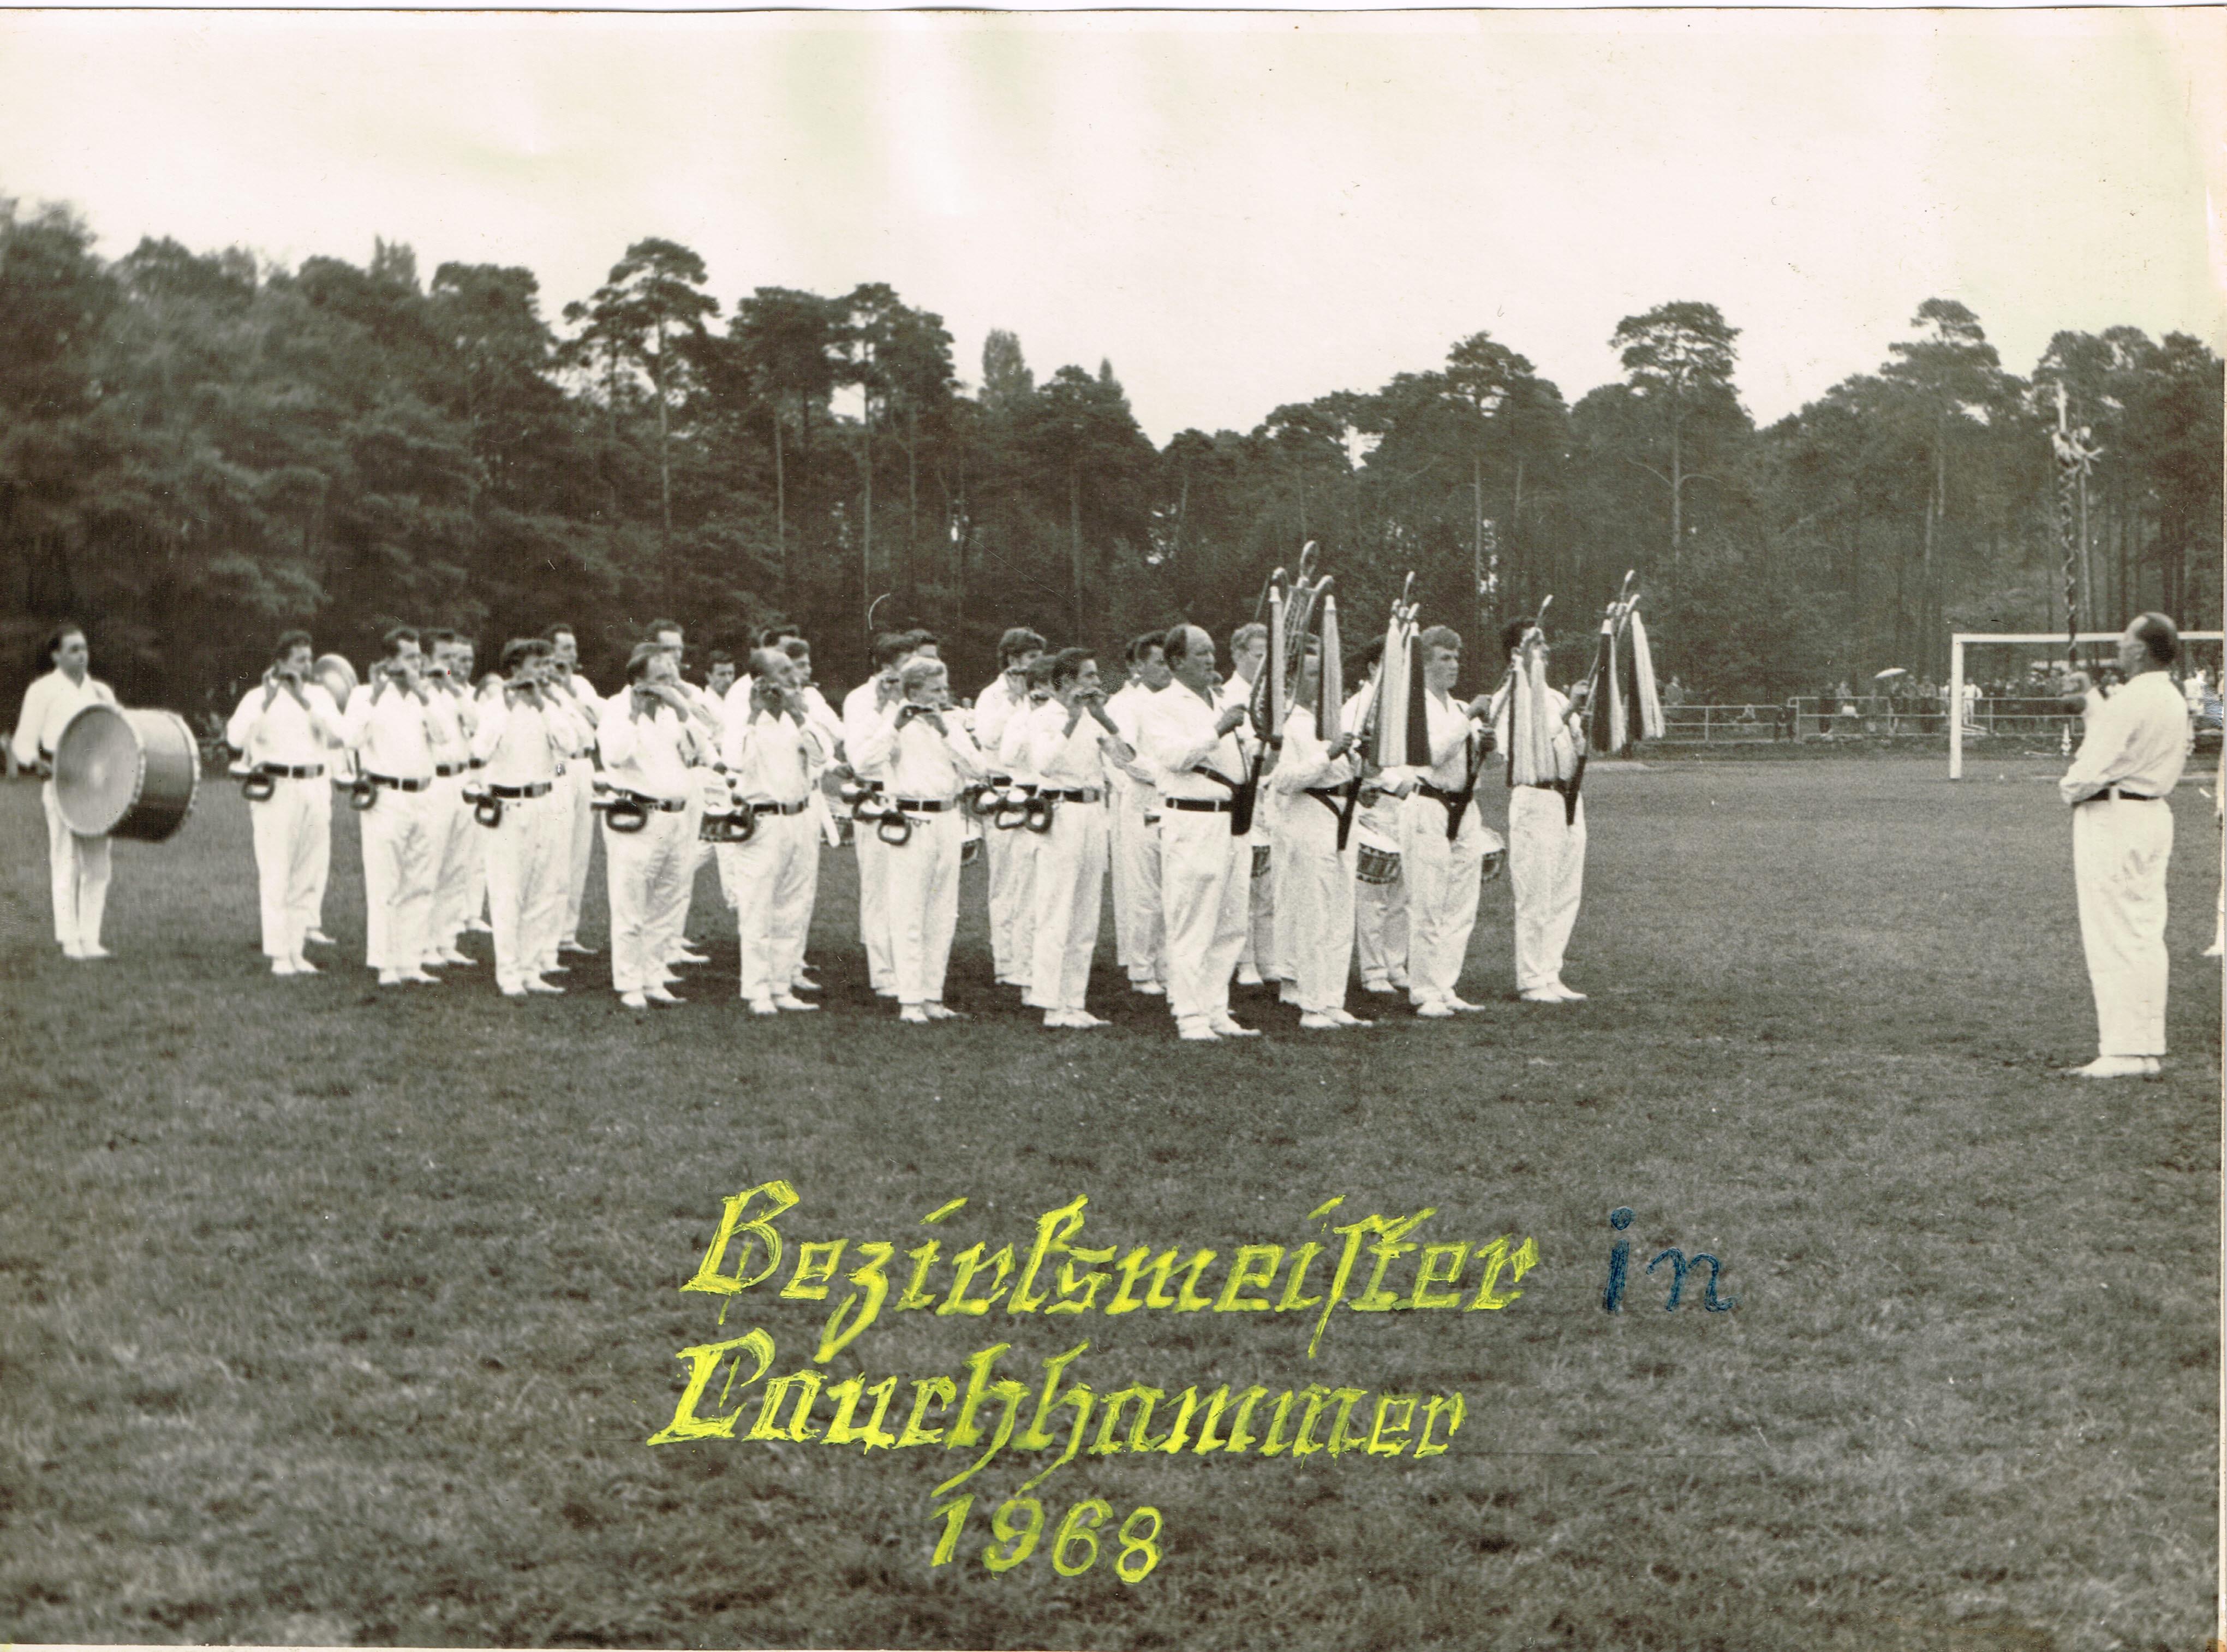 1968 Erwachsene Bezirksmeister Lauchhammer 1968